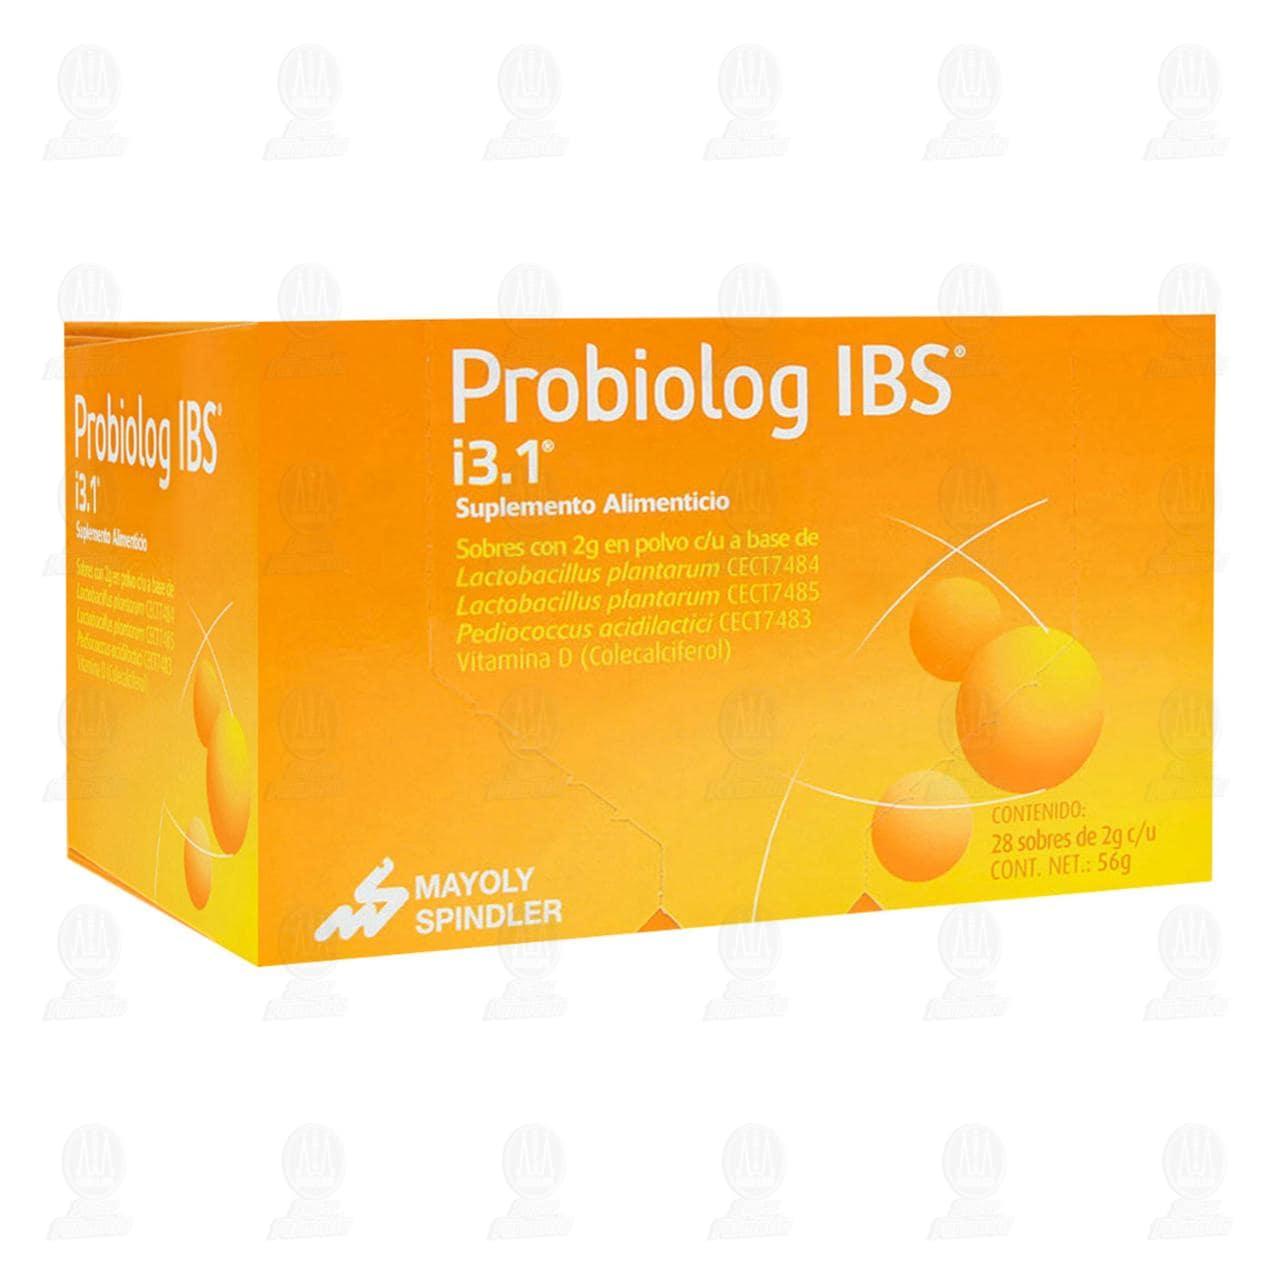 Comprar Probiolog IBS 28 Sobres 2gr c/u Polvo en Farmacias Guadalajara